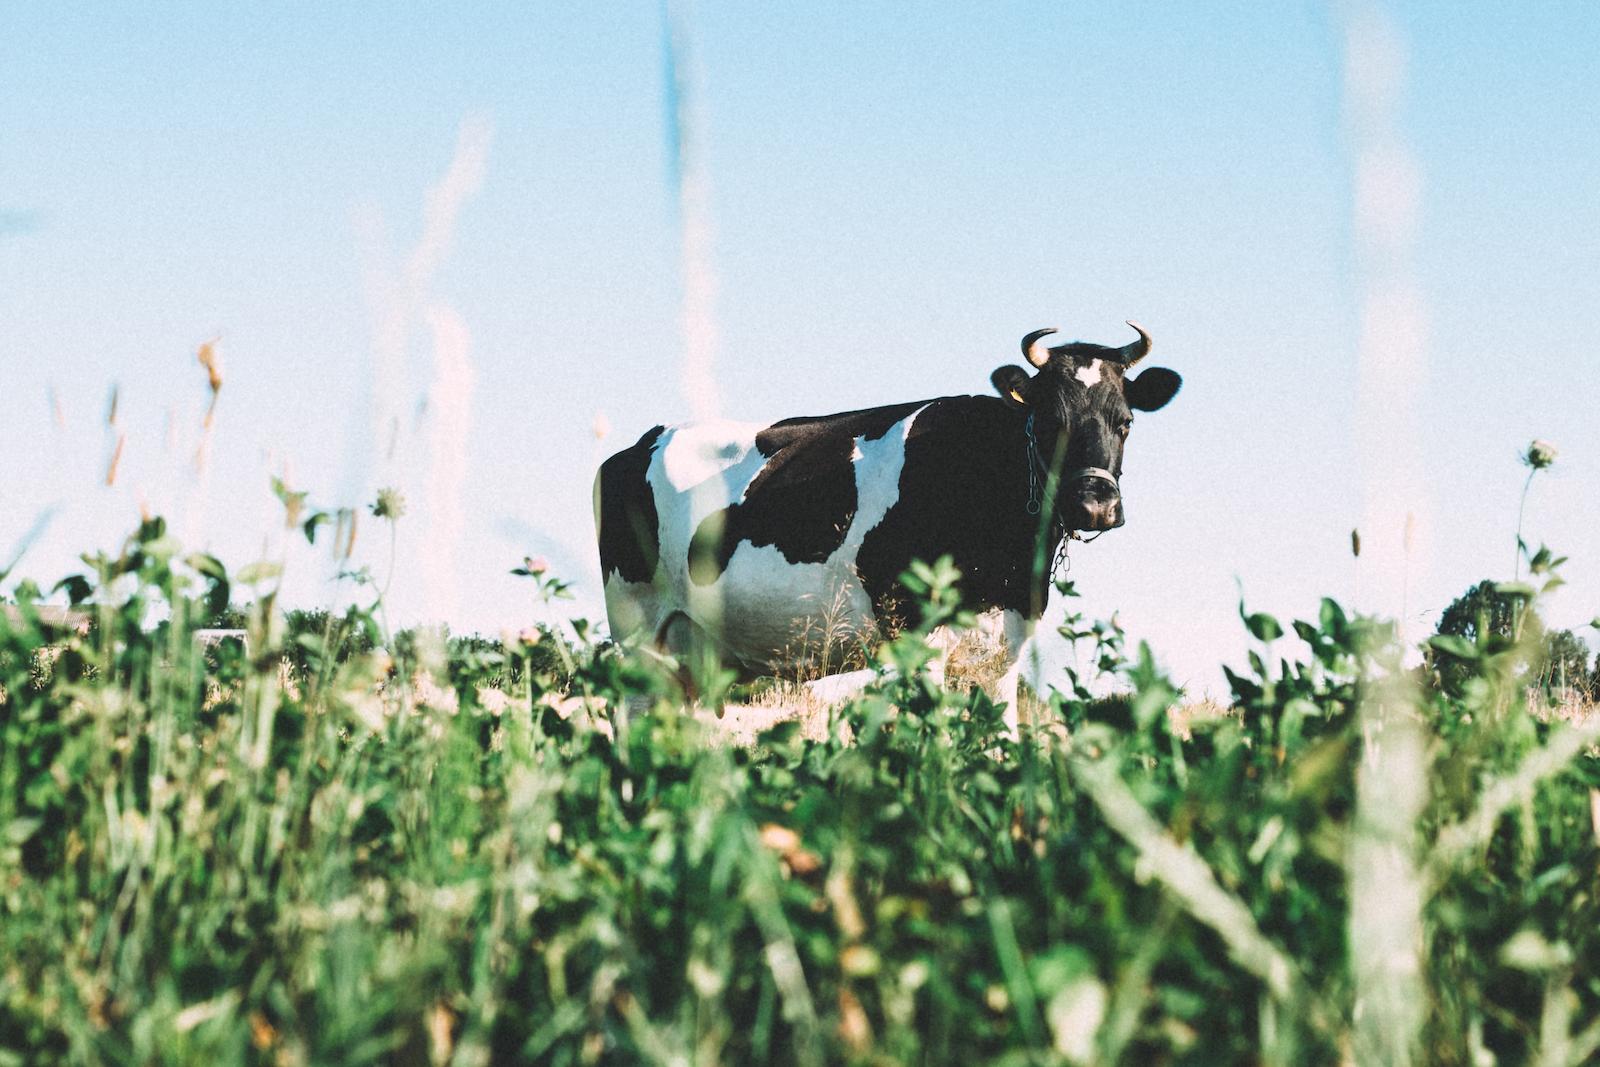 latte come cibo di origine animale e quindi come cibo nutriente per uomo e ambiente